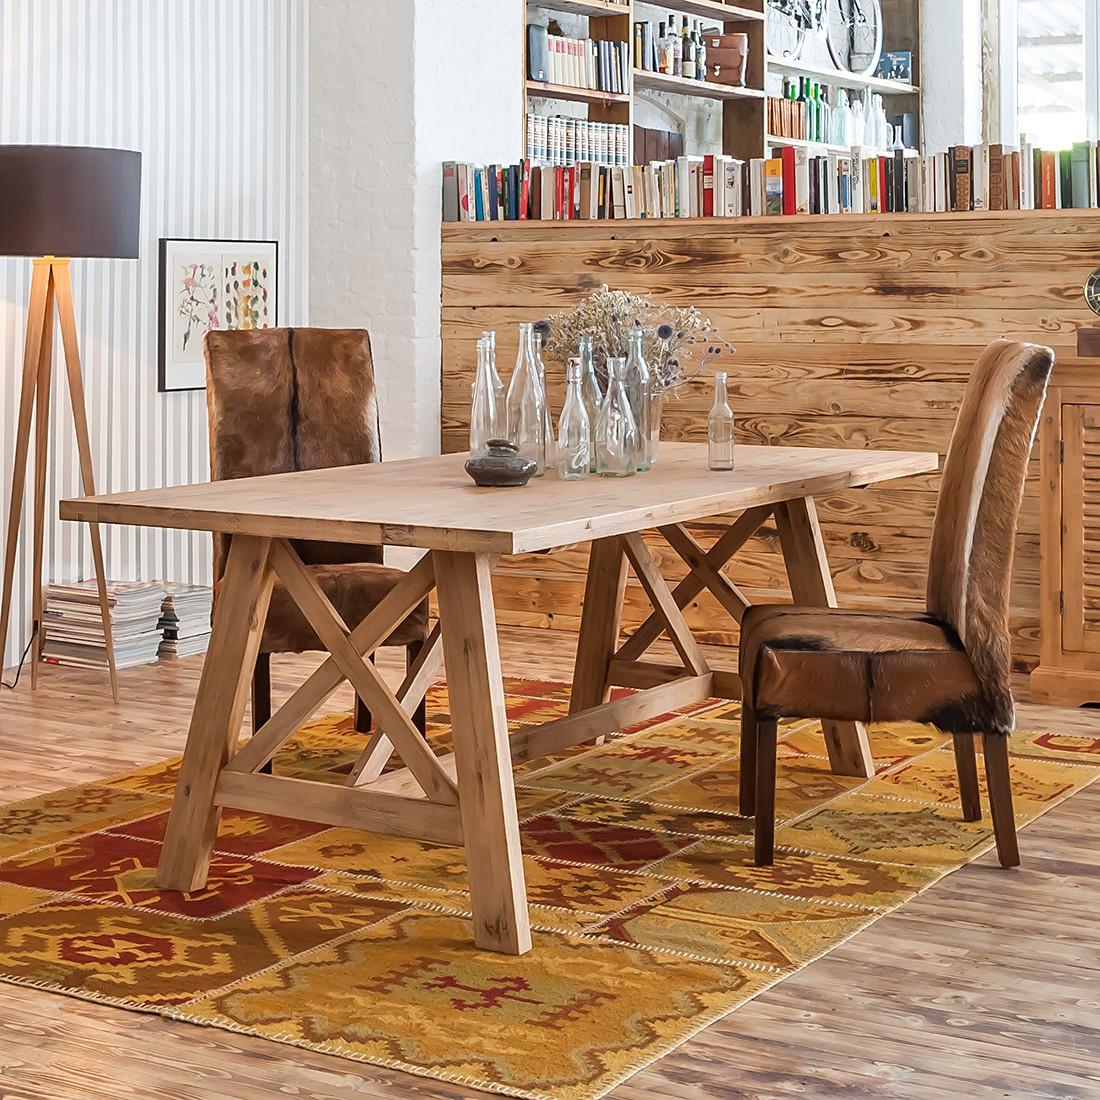 Massivholztisch von Maison Belfort bei Home24 bestellen   Home24